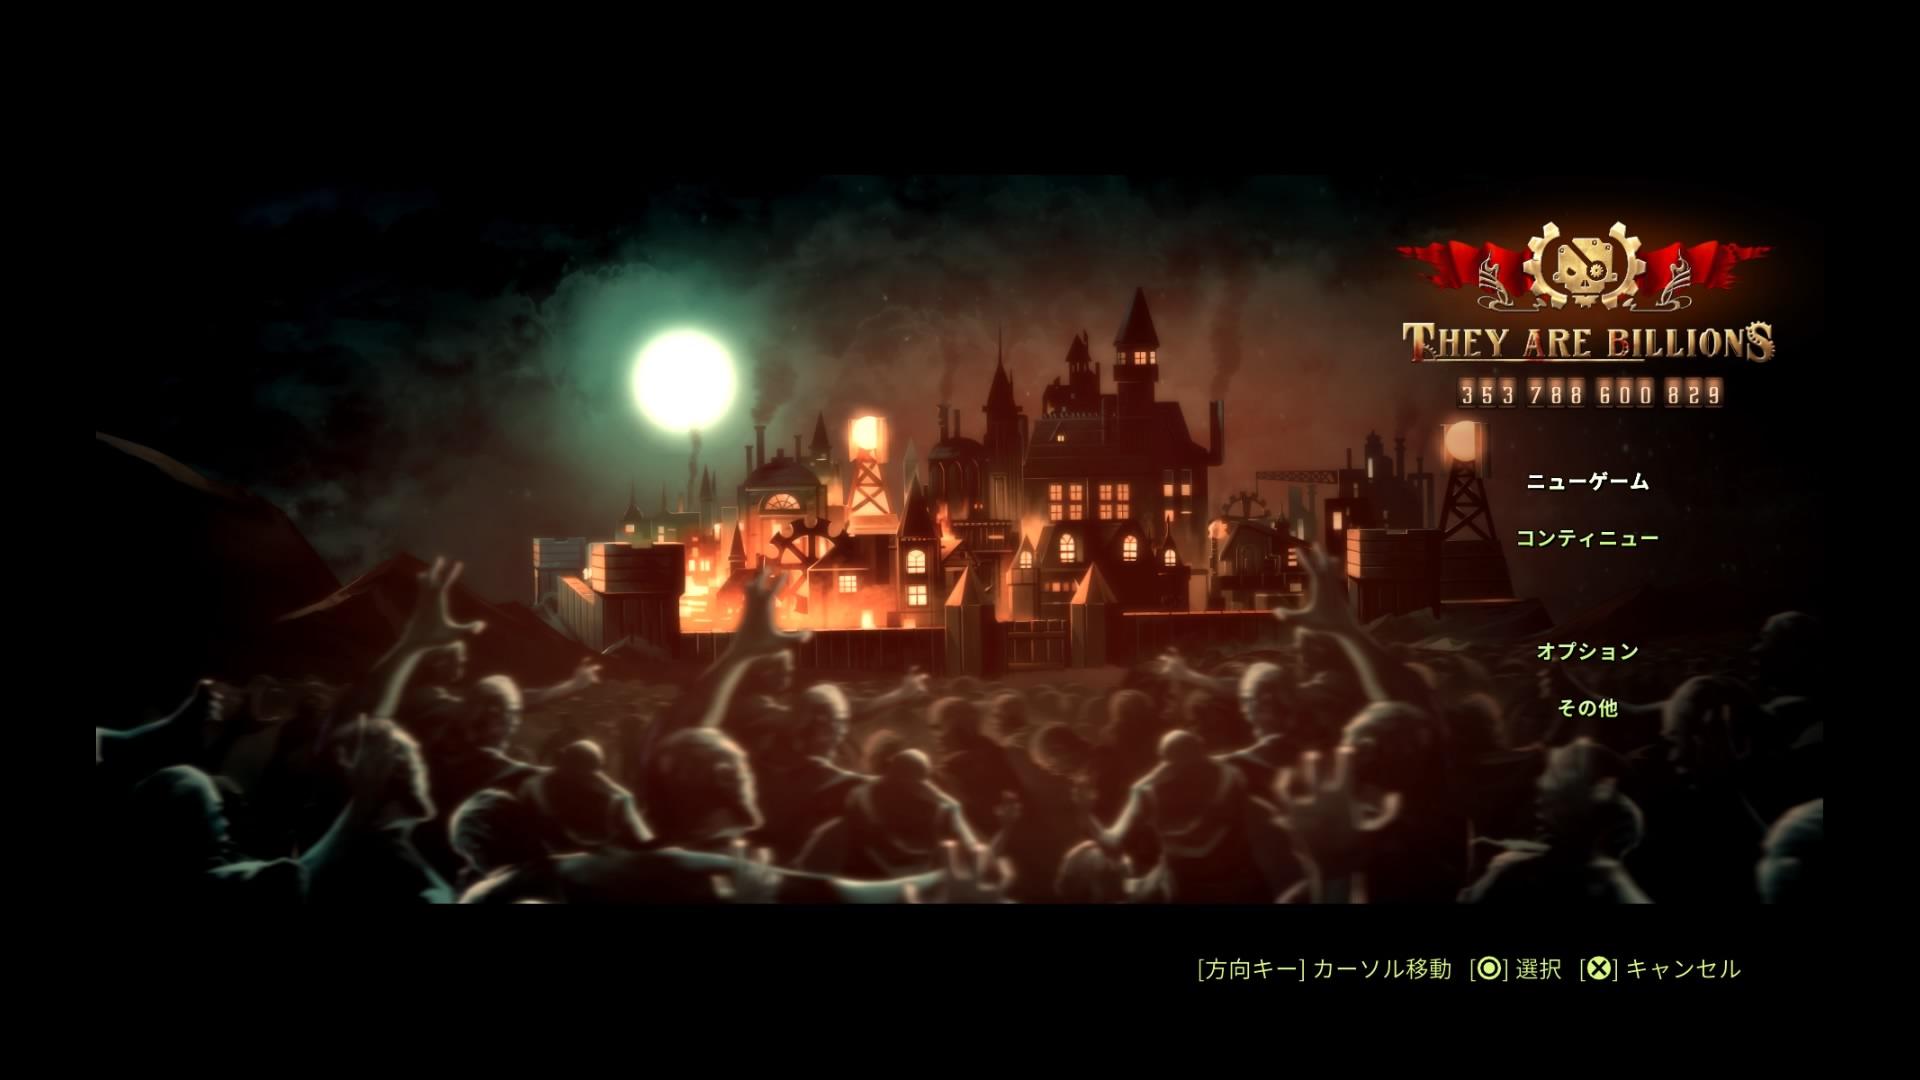 ゾンビサバイバル:コロニービルダー THEY ARE BILLIONS(PS4)感想・レビュー